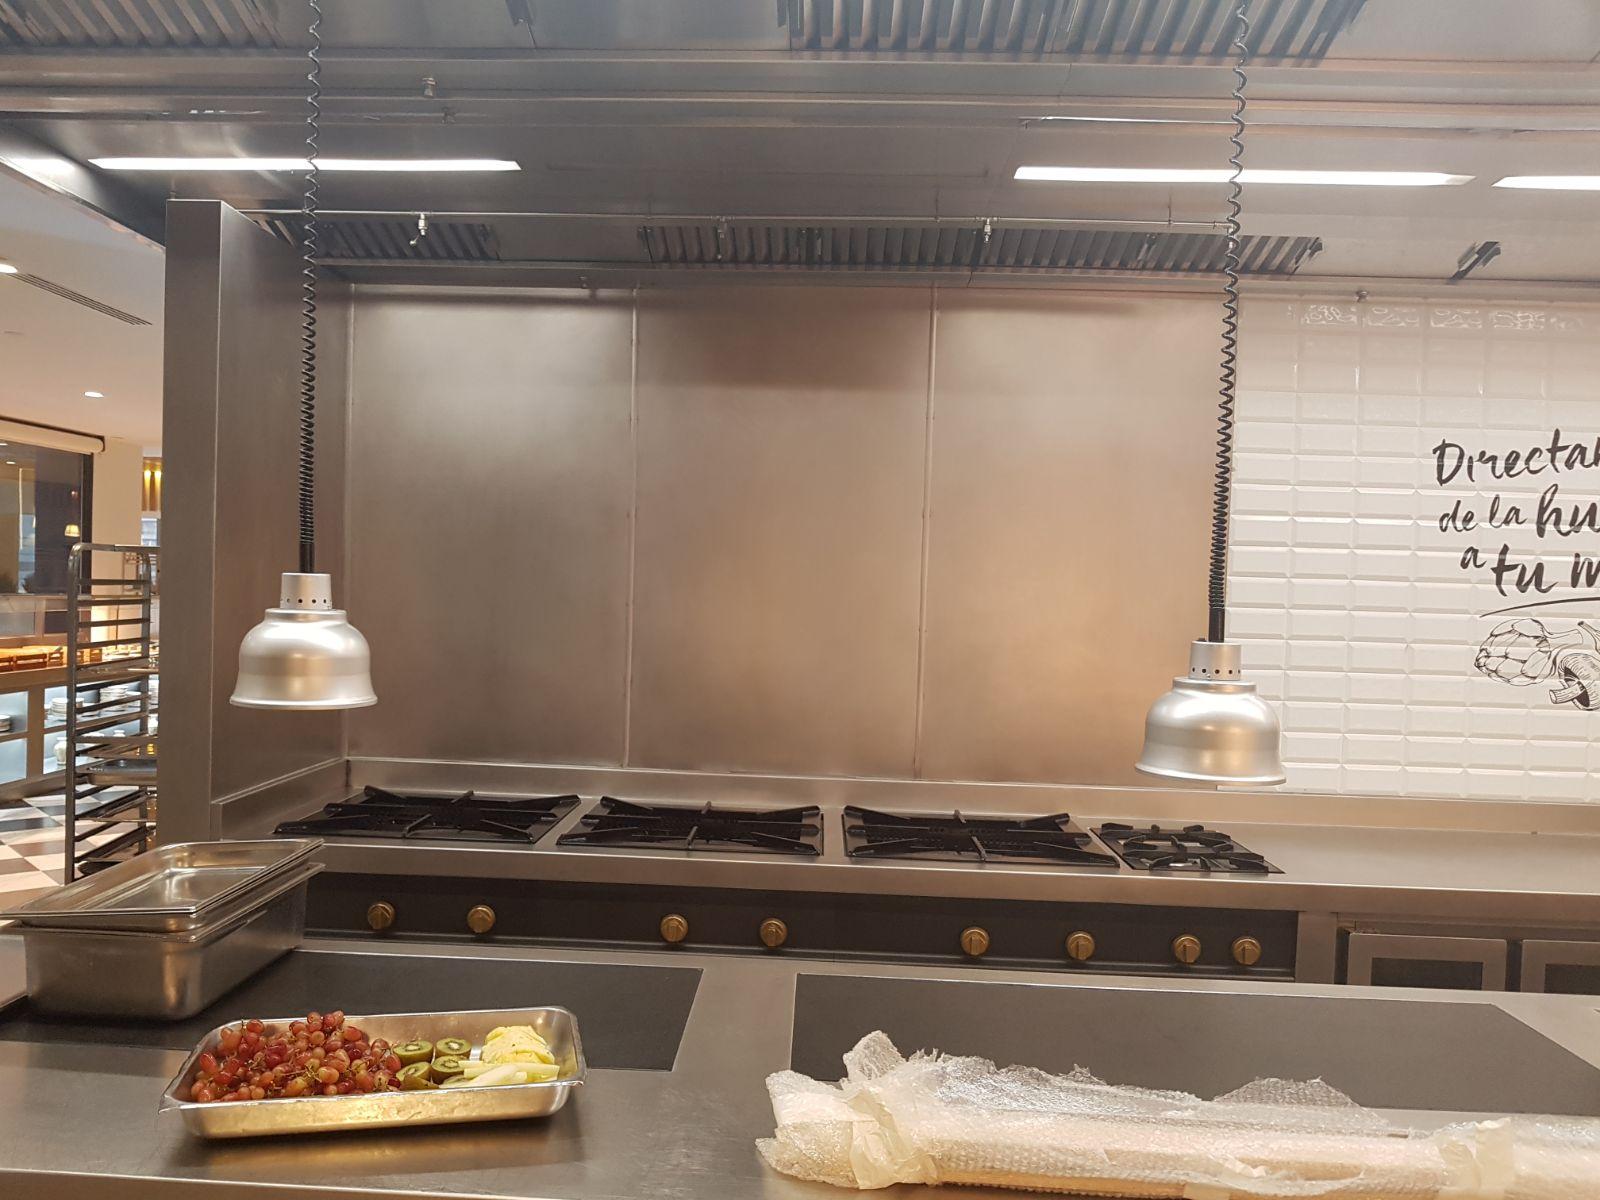 Planchas acero inoxidable para cocinas profesionales o - Planchas metacrilato madrid ...